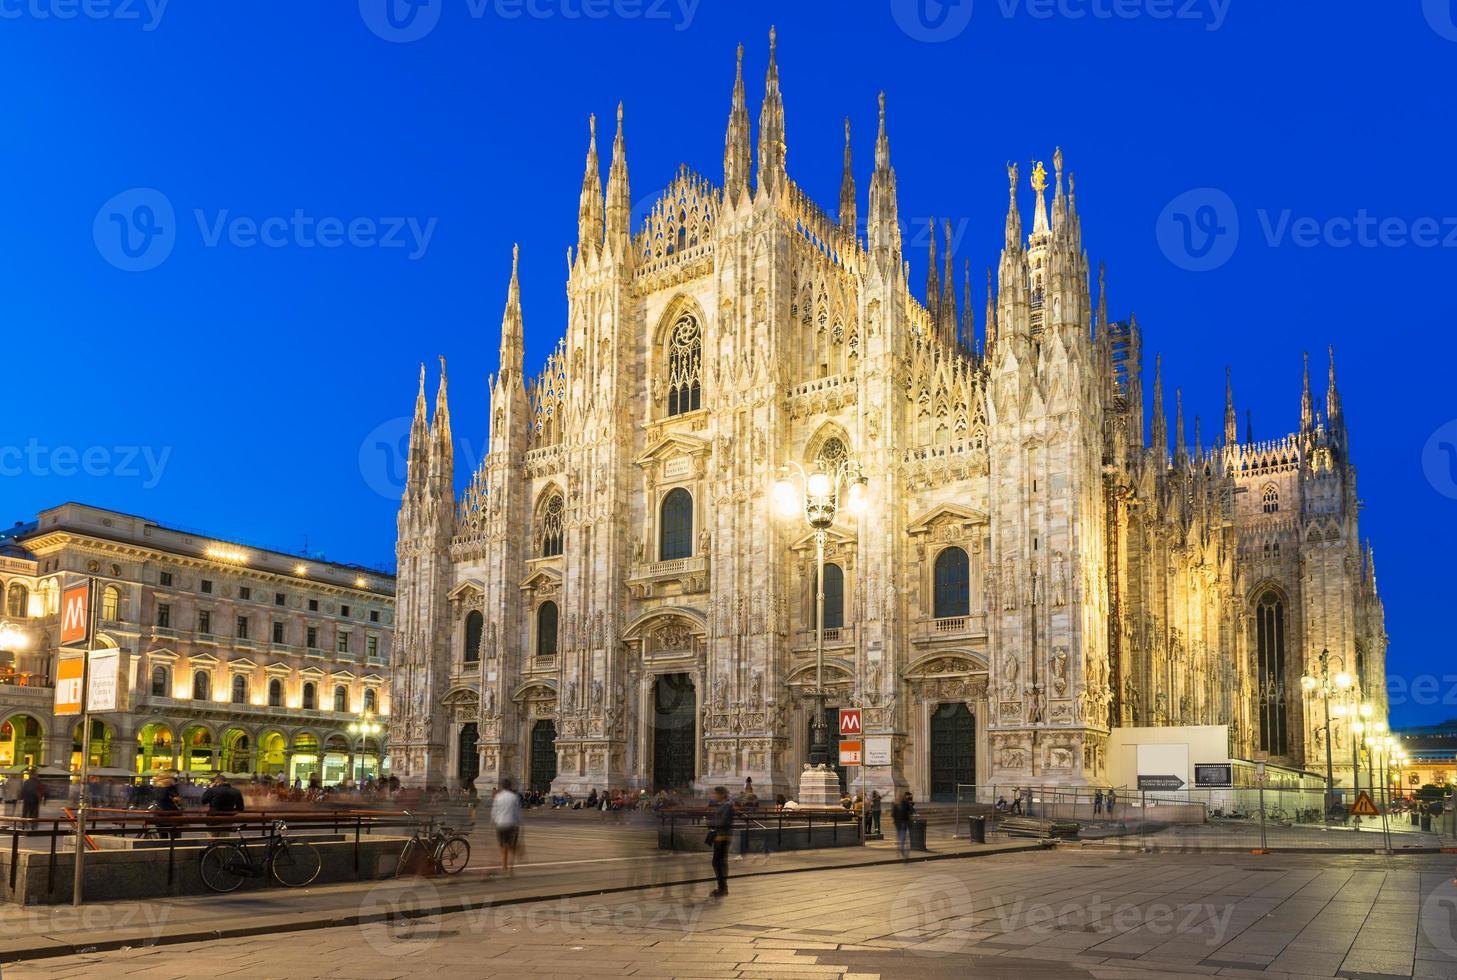 Vue de nuit de la cathédrale de Milan (duomo di milano) à Milan photo